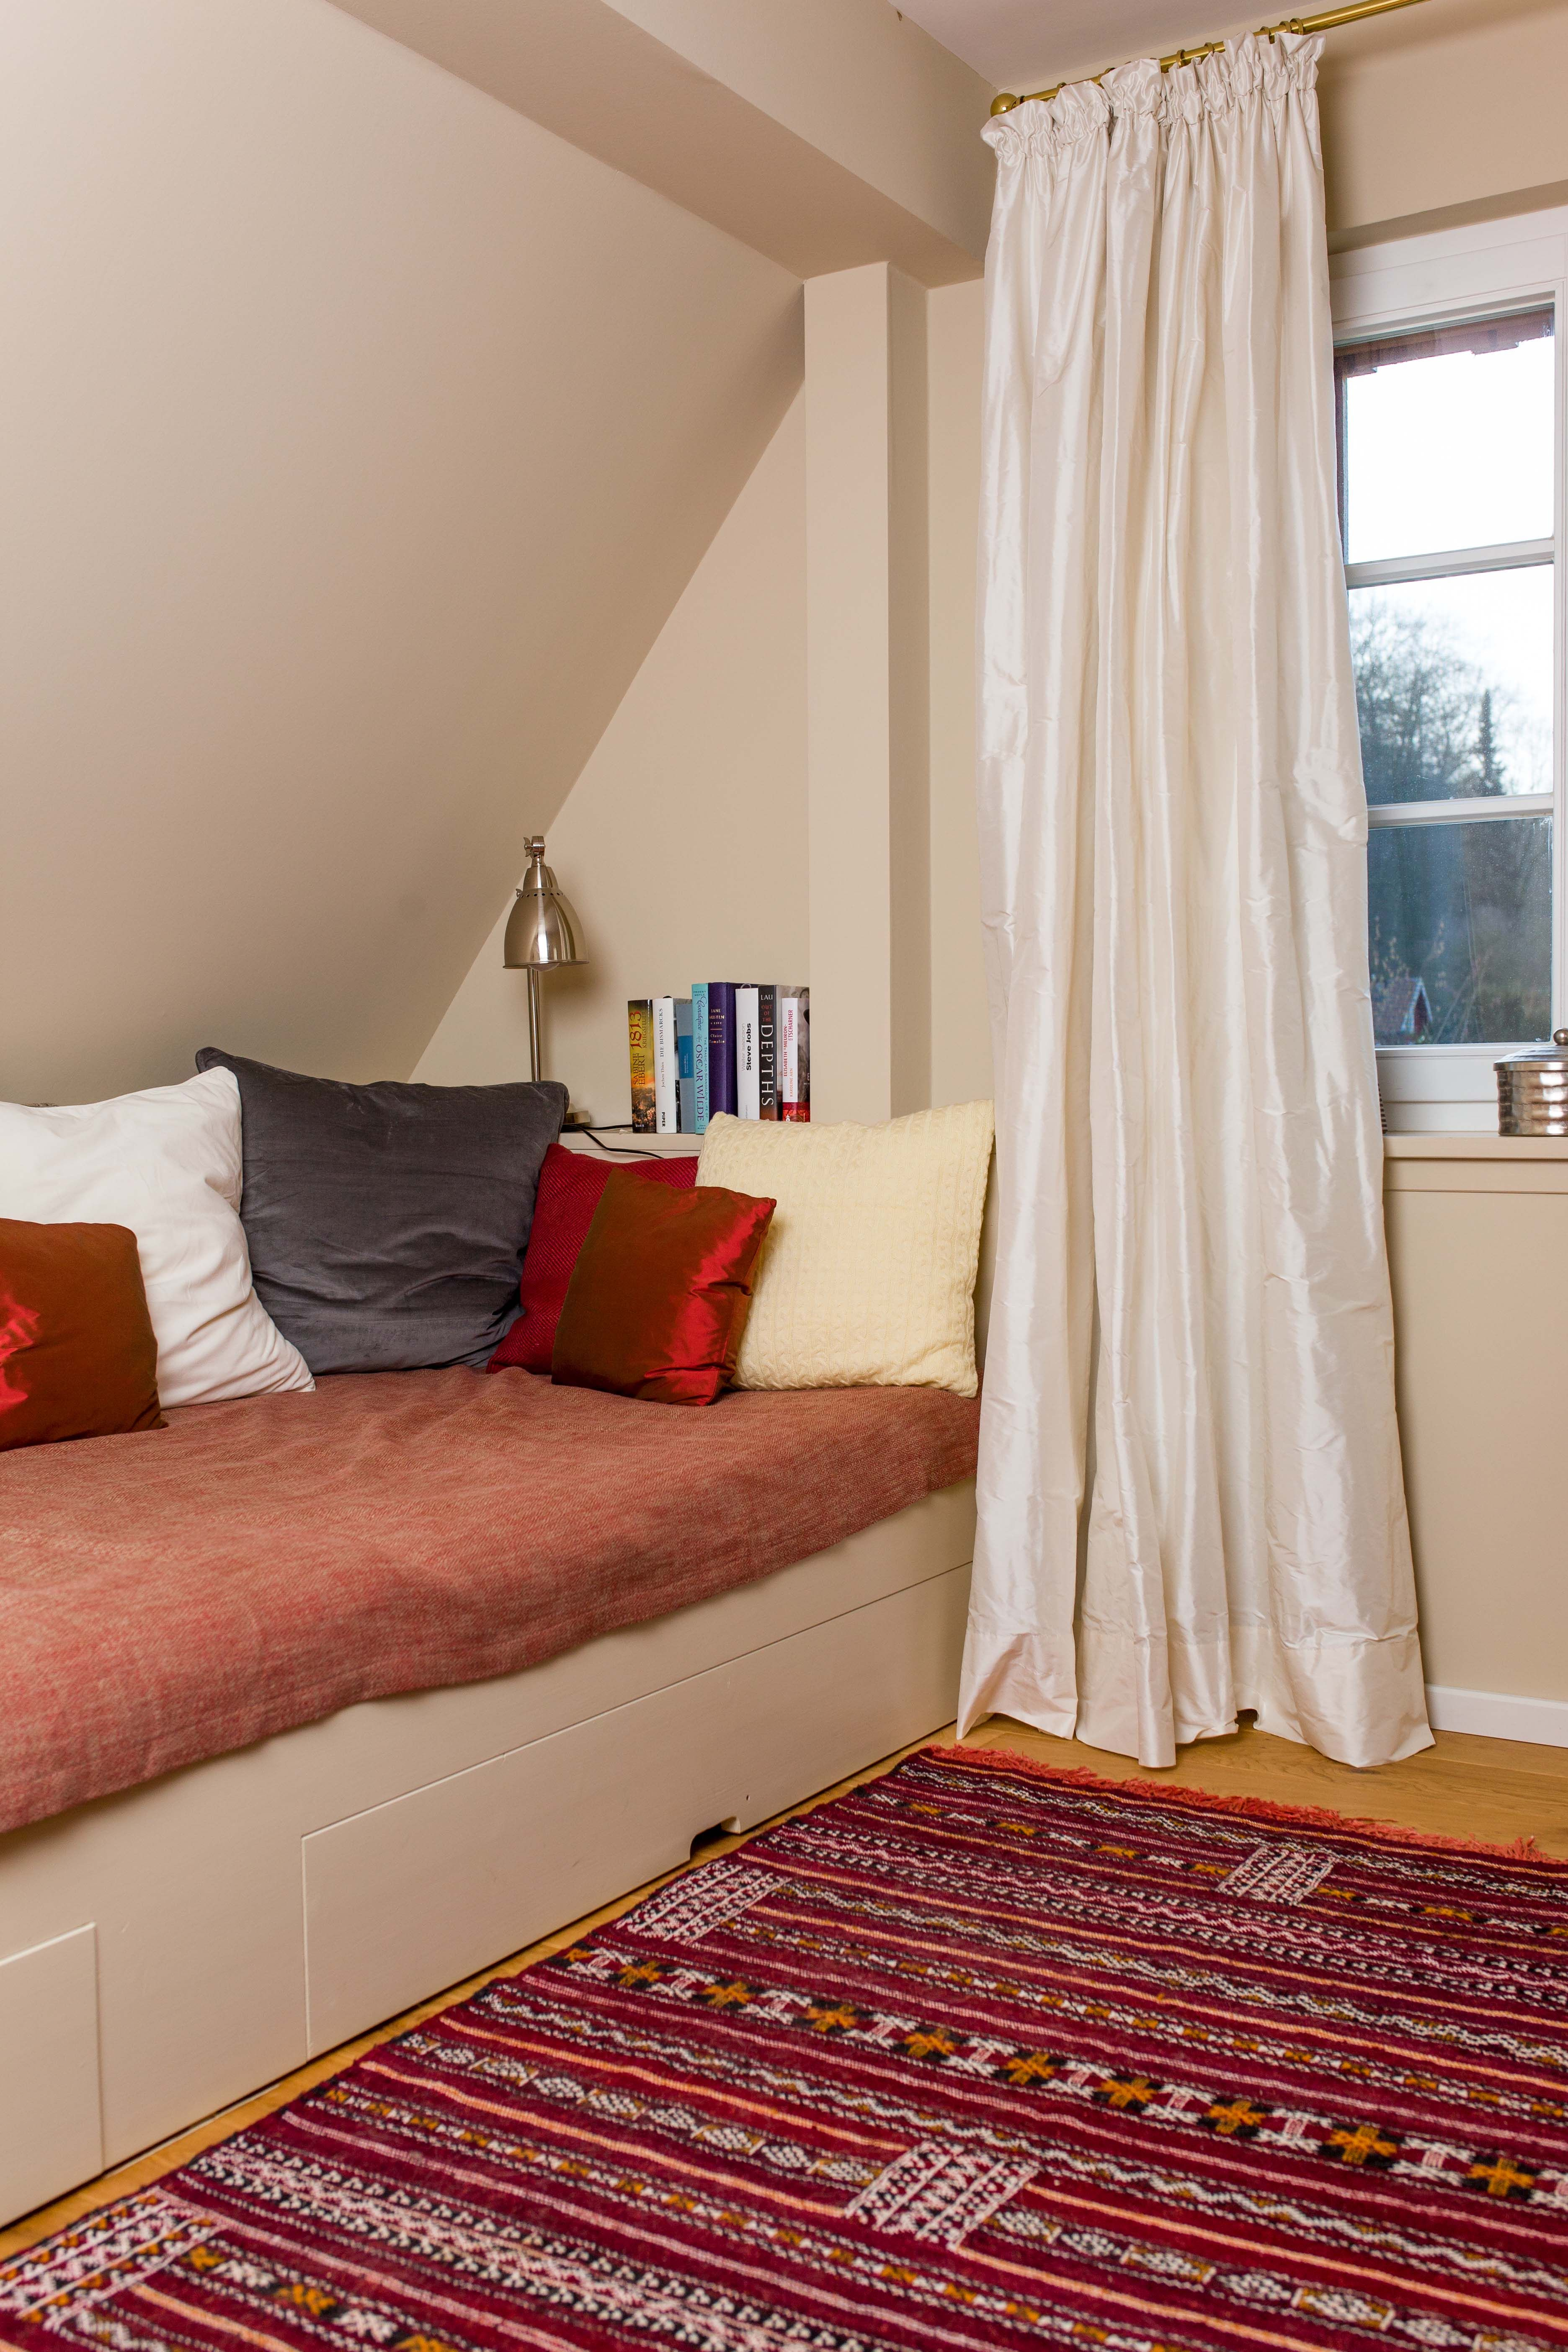 Schlafzimmer im Ton 'Ali Baba' mit passend lackiertem